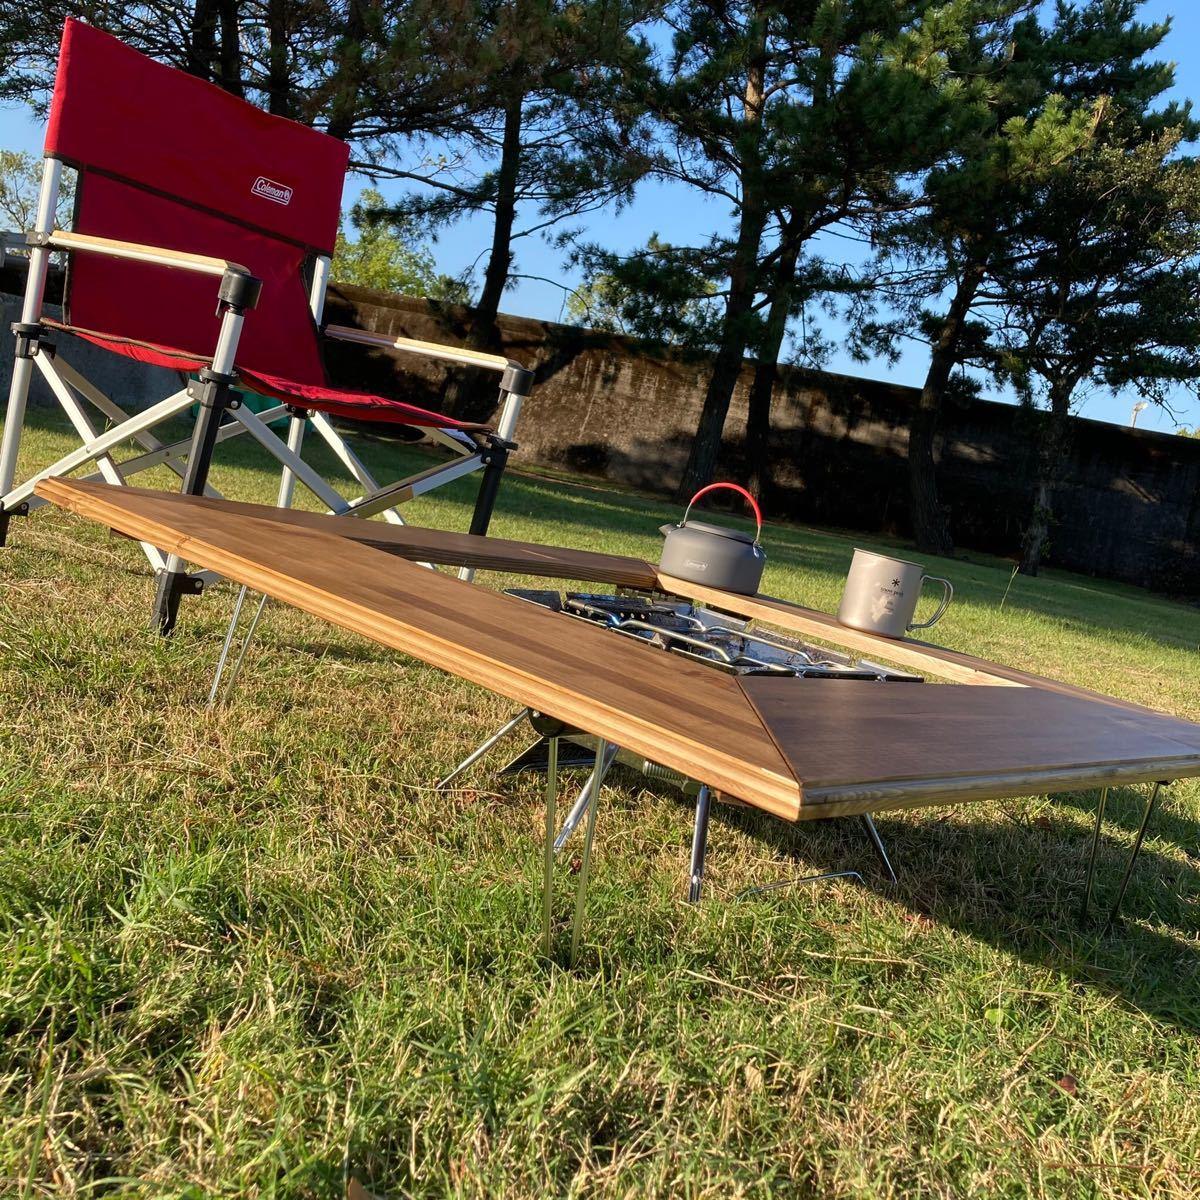 【アウトドアテーブル新登場】防炎施工有りの囲炉裏テーブル  焚き火台テーブル